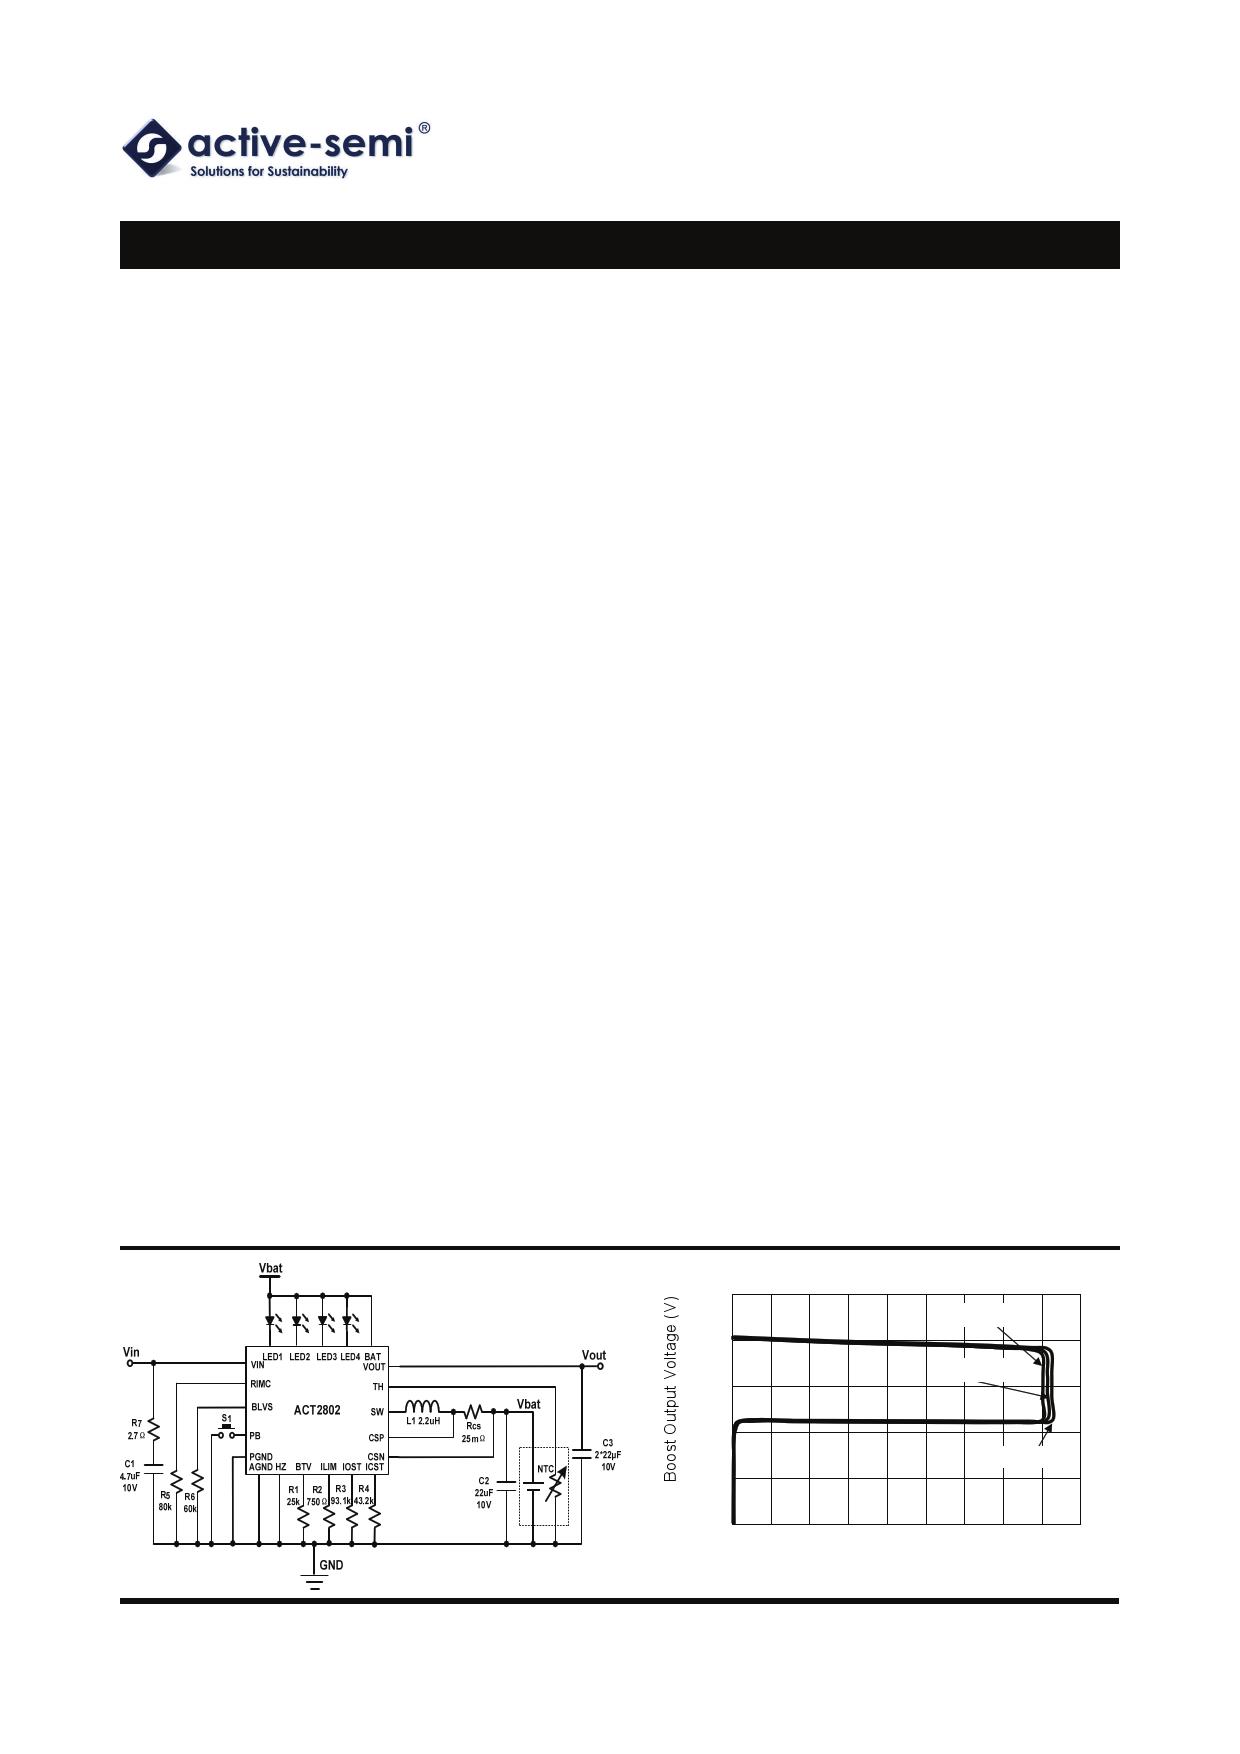 ACT2802C Даташит, Описание, Даташиты